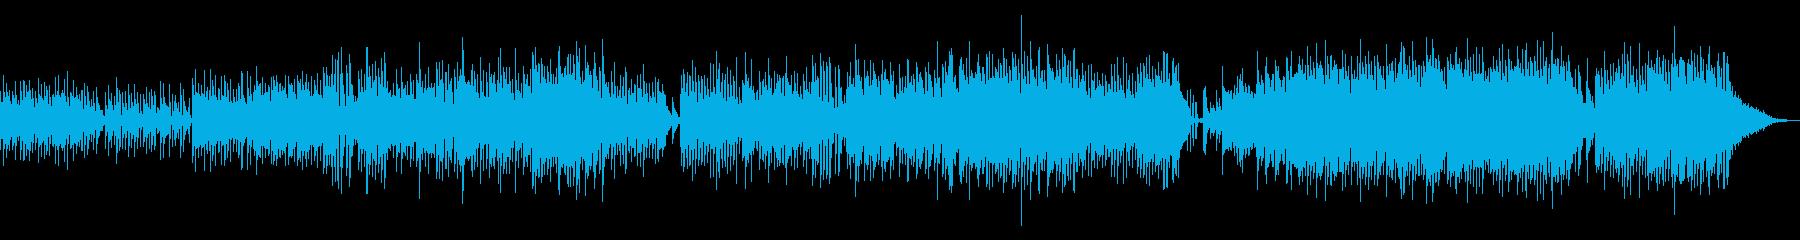 愉快でかわいいオーケストラマーチの再生済みの波形